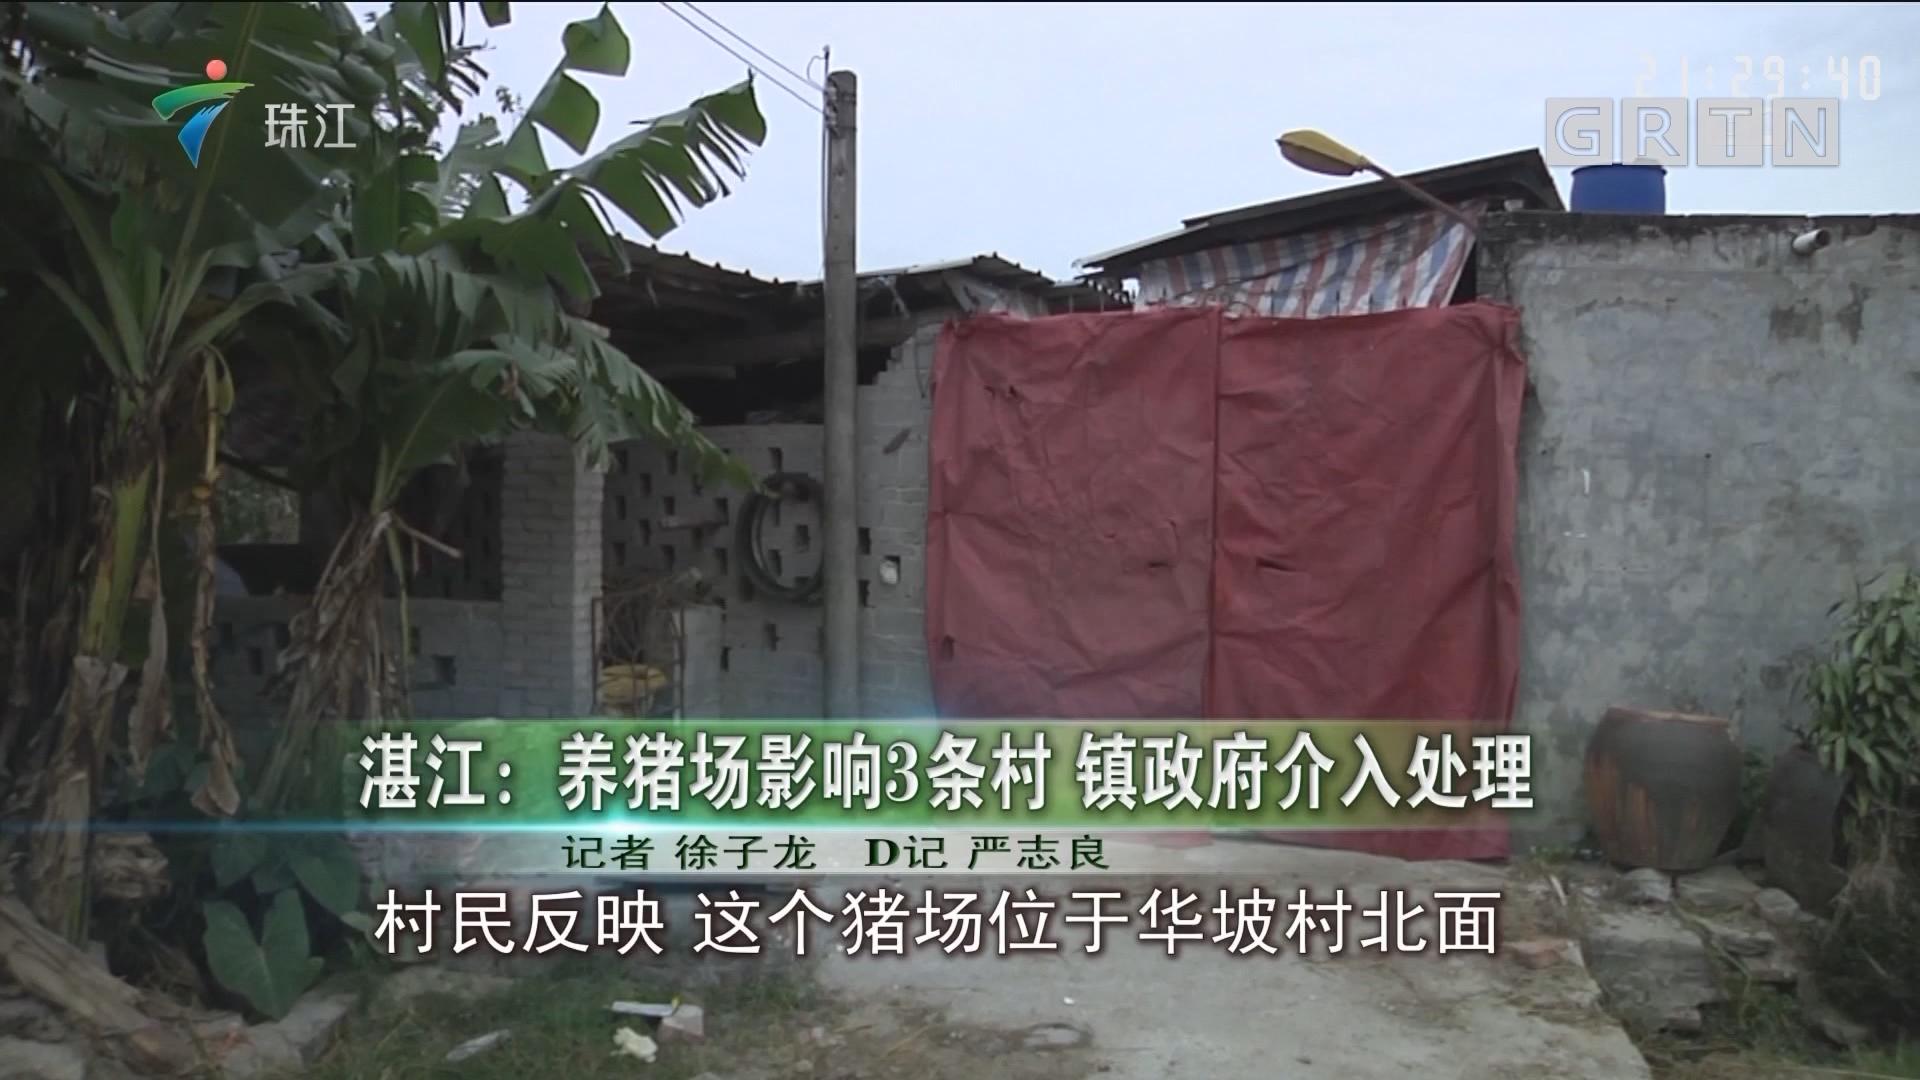 湛江:养猪场影响3条村 镇政府介入处理